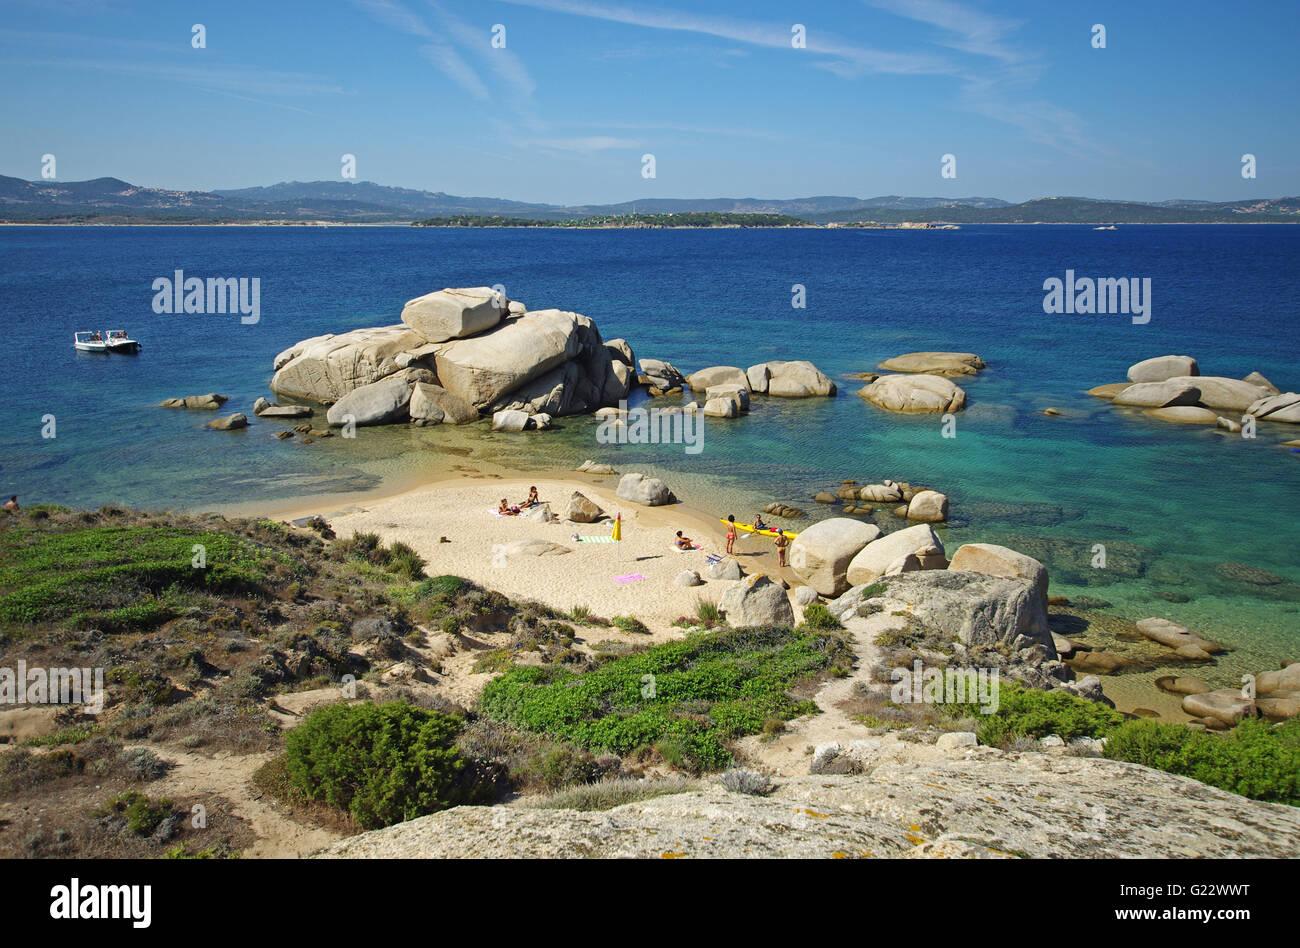 Palau, Sardinia: Talmone beach - Stock Image